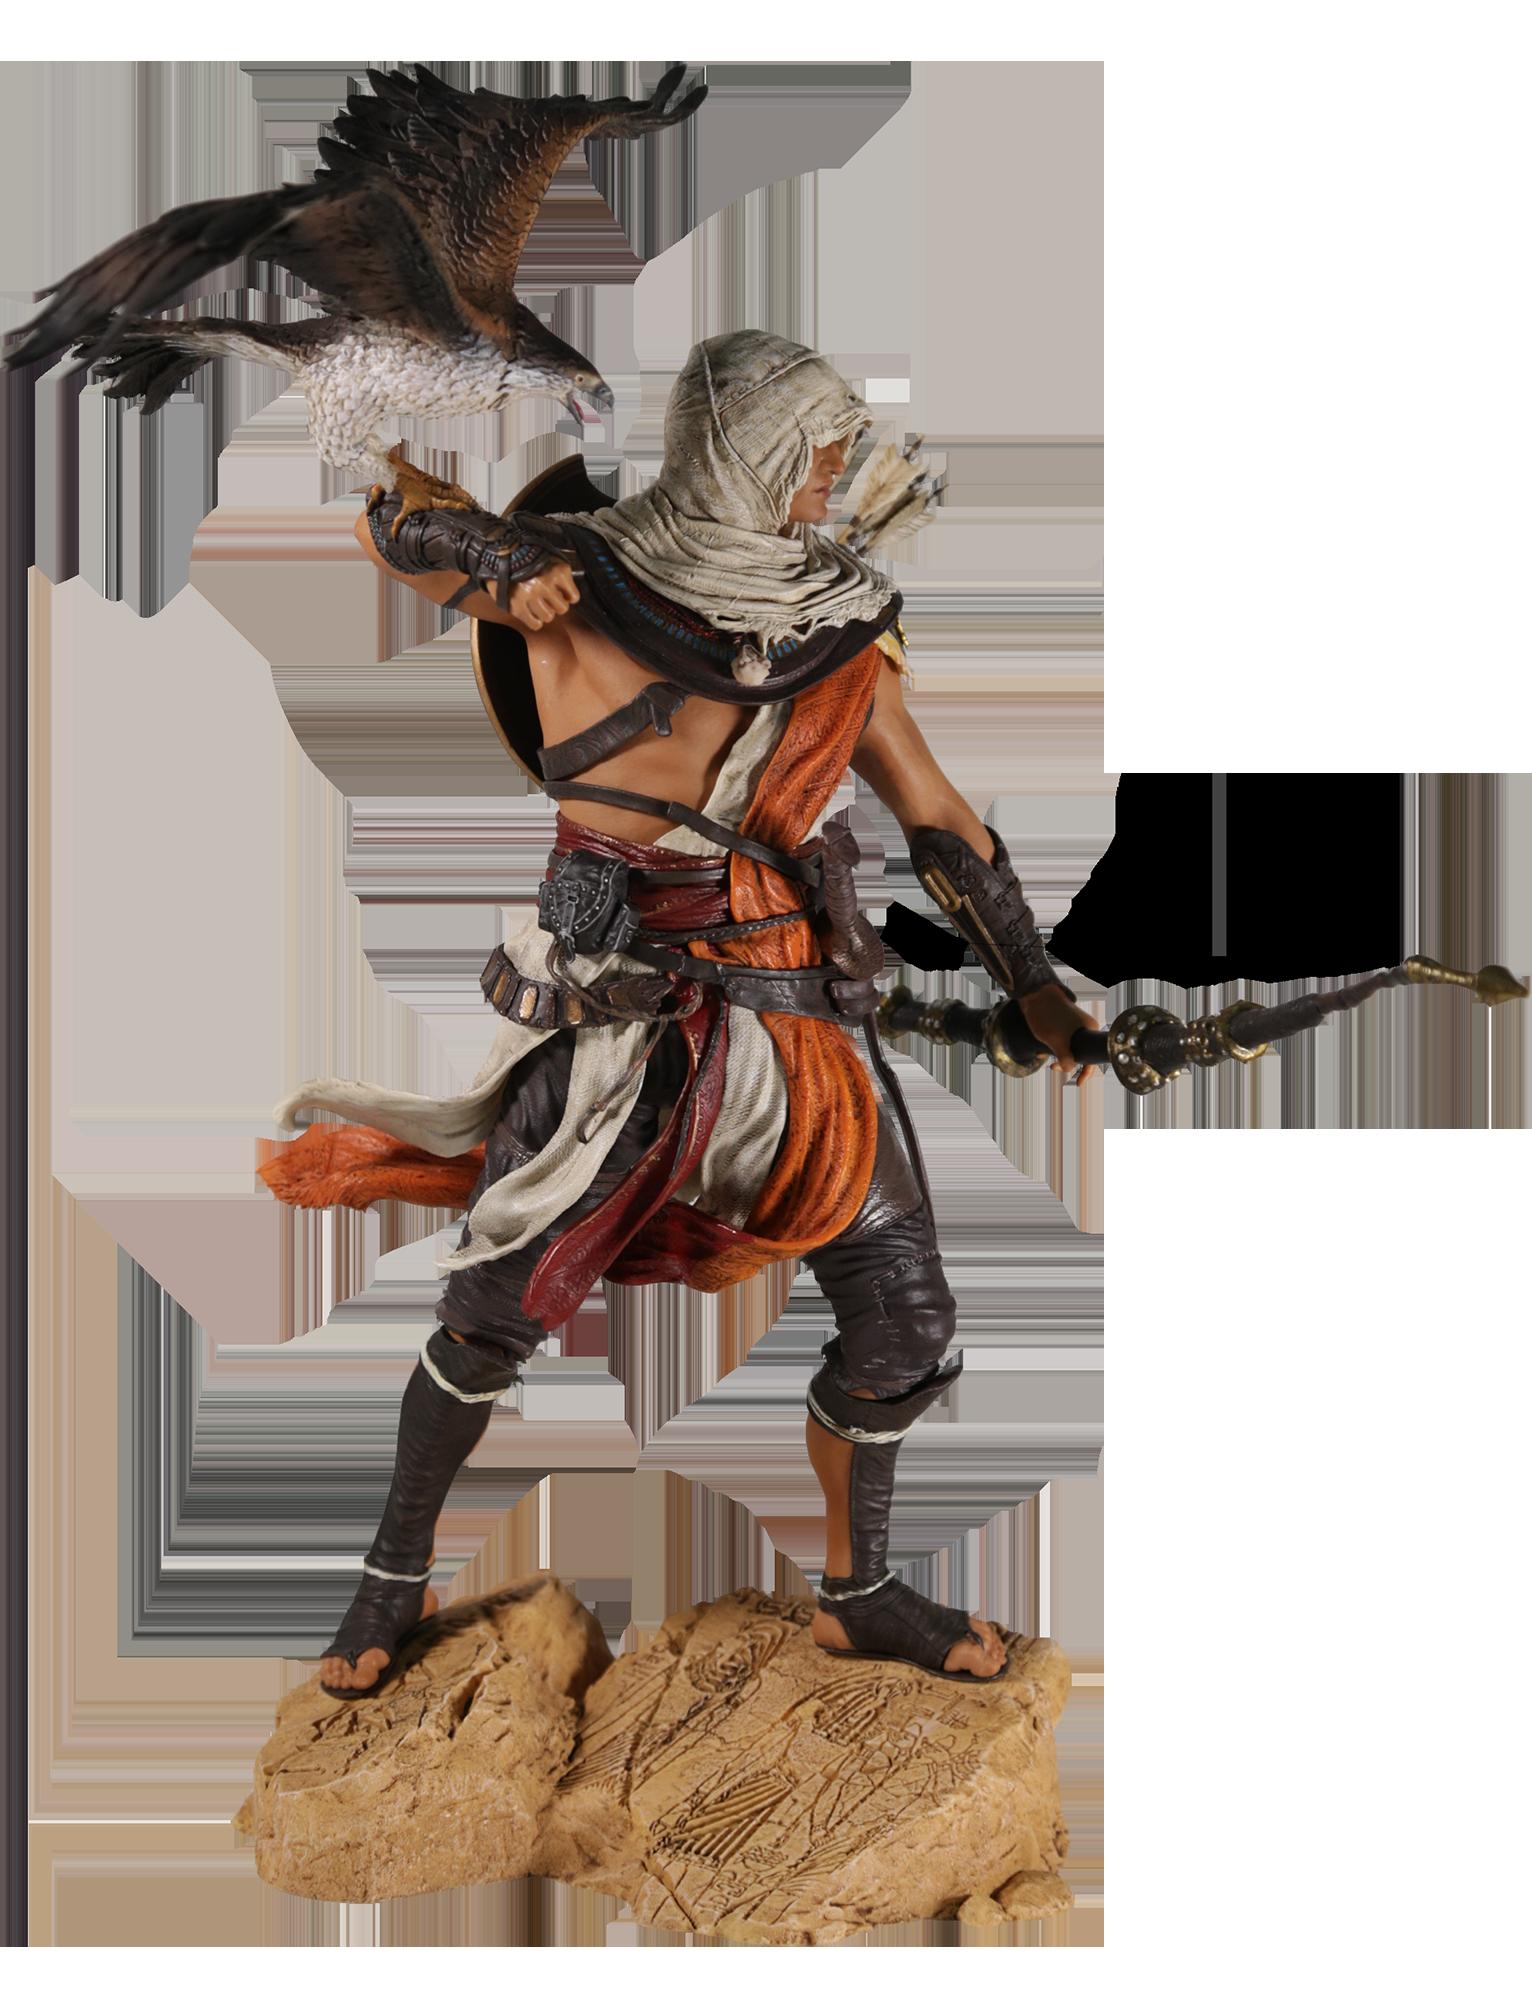 Assassin S Creed Origins Bayek Fr Ubisoft Assassins Creed Origins Assassins Creed Assassin S Creed